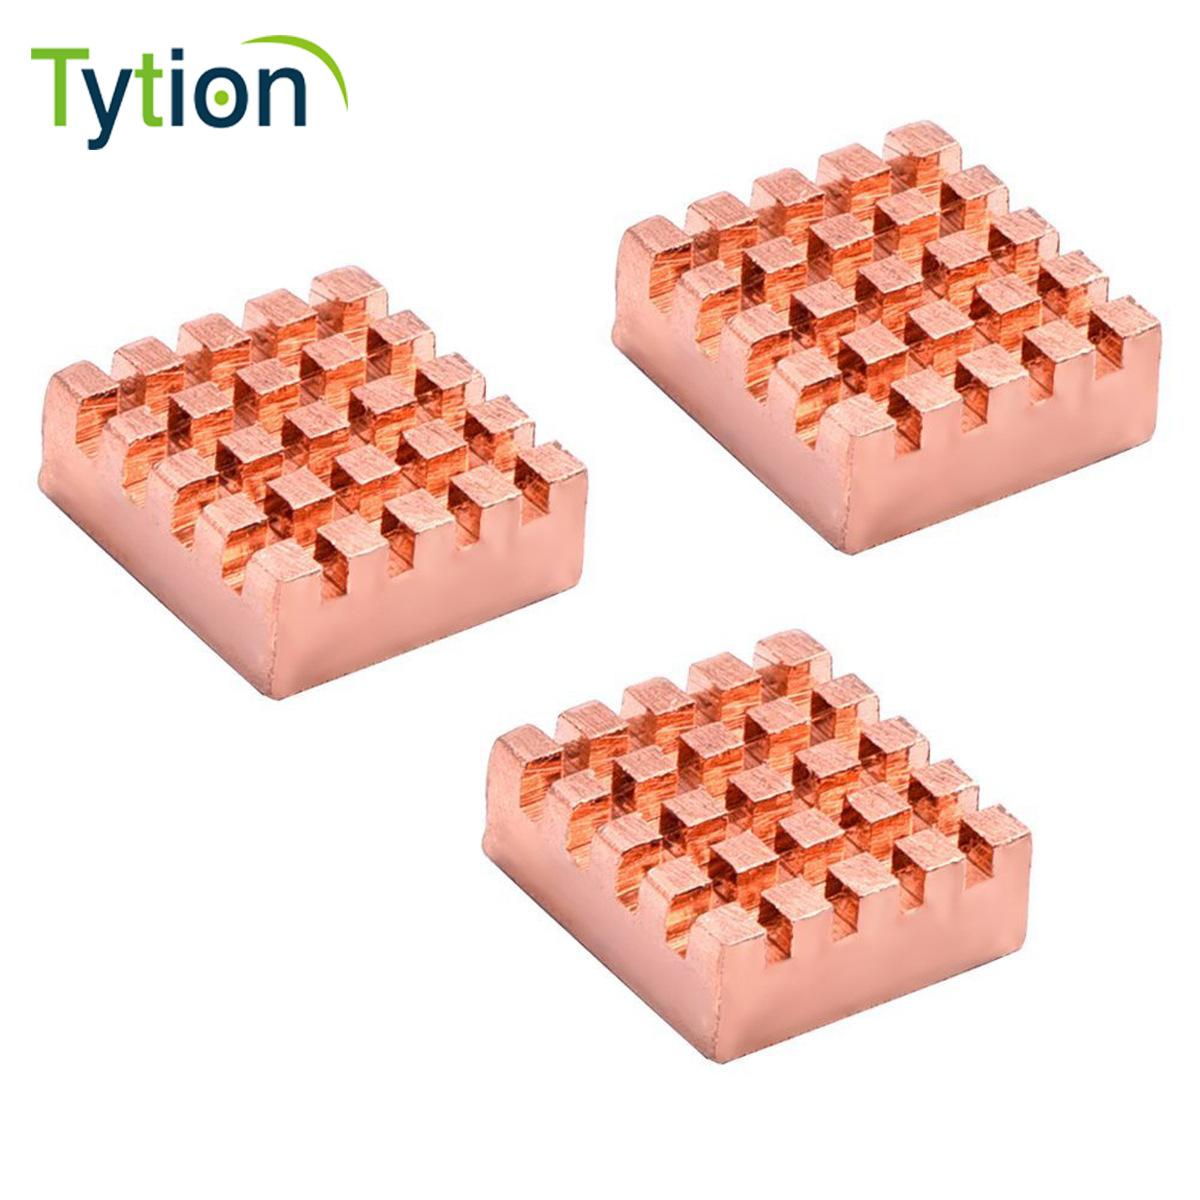 树莓派3代散热片超频显卡内存纯铜内存南北桥主板IC芯片带散热贴